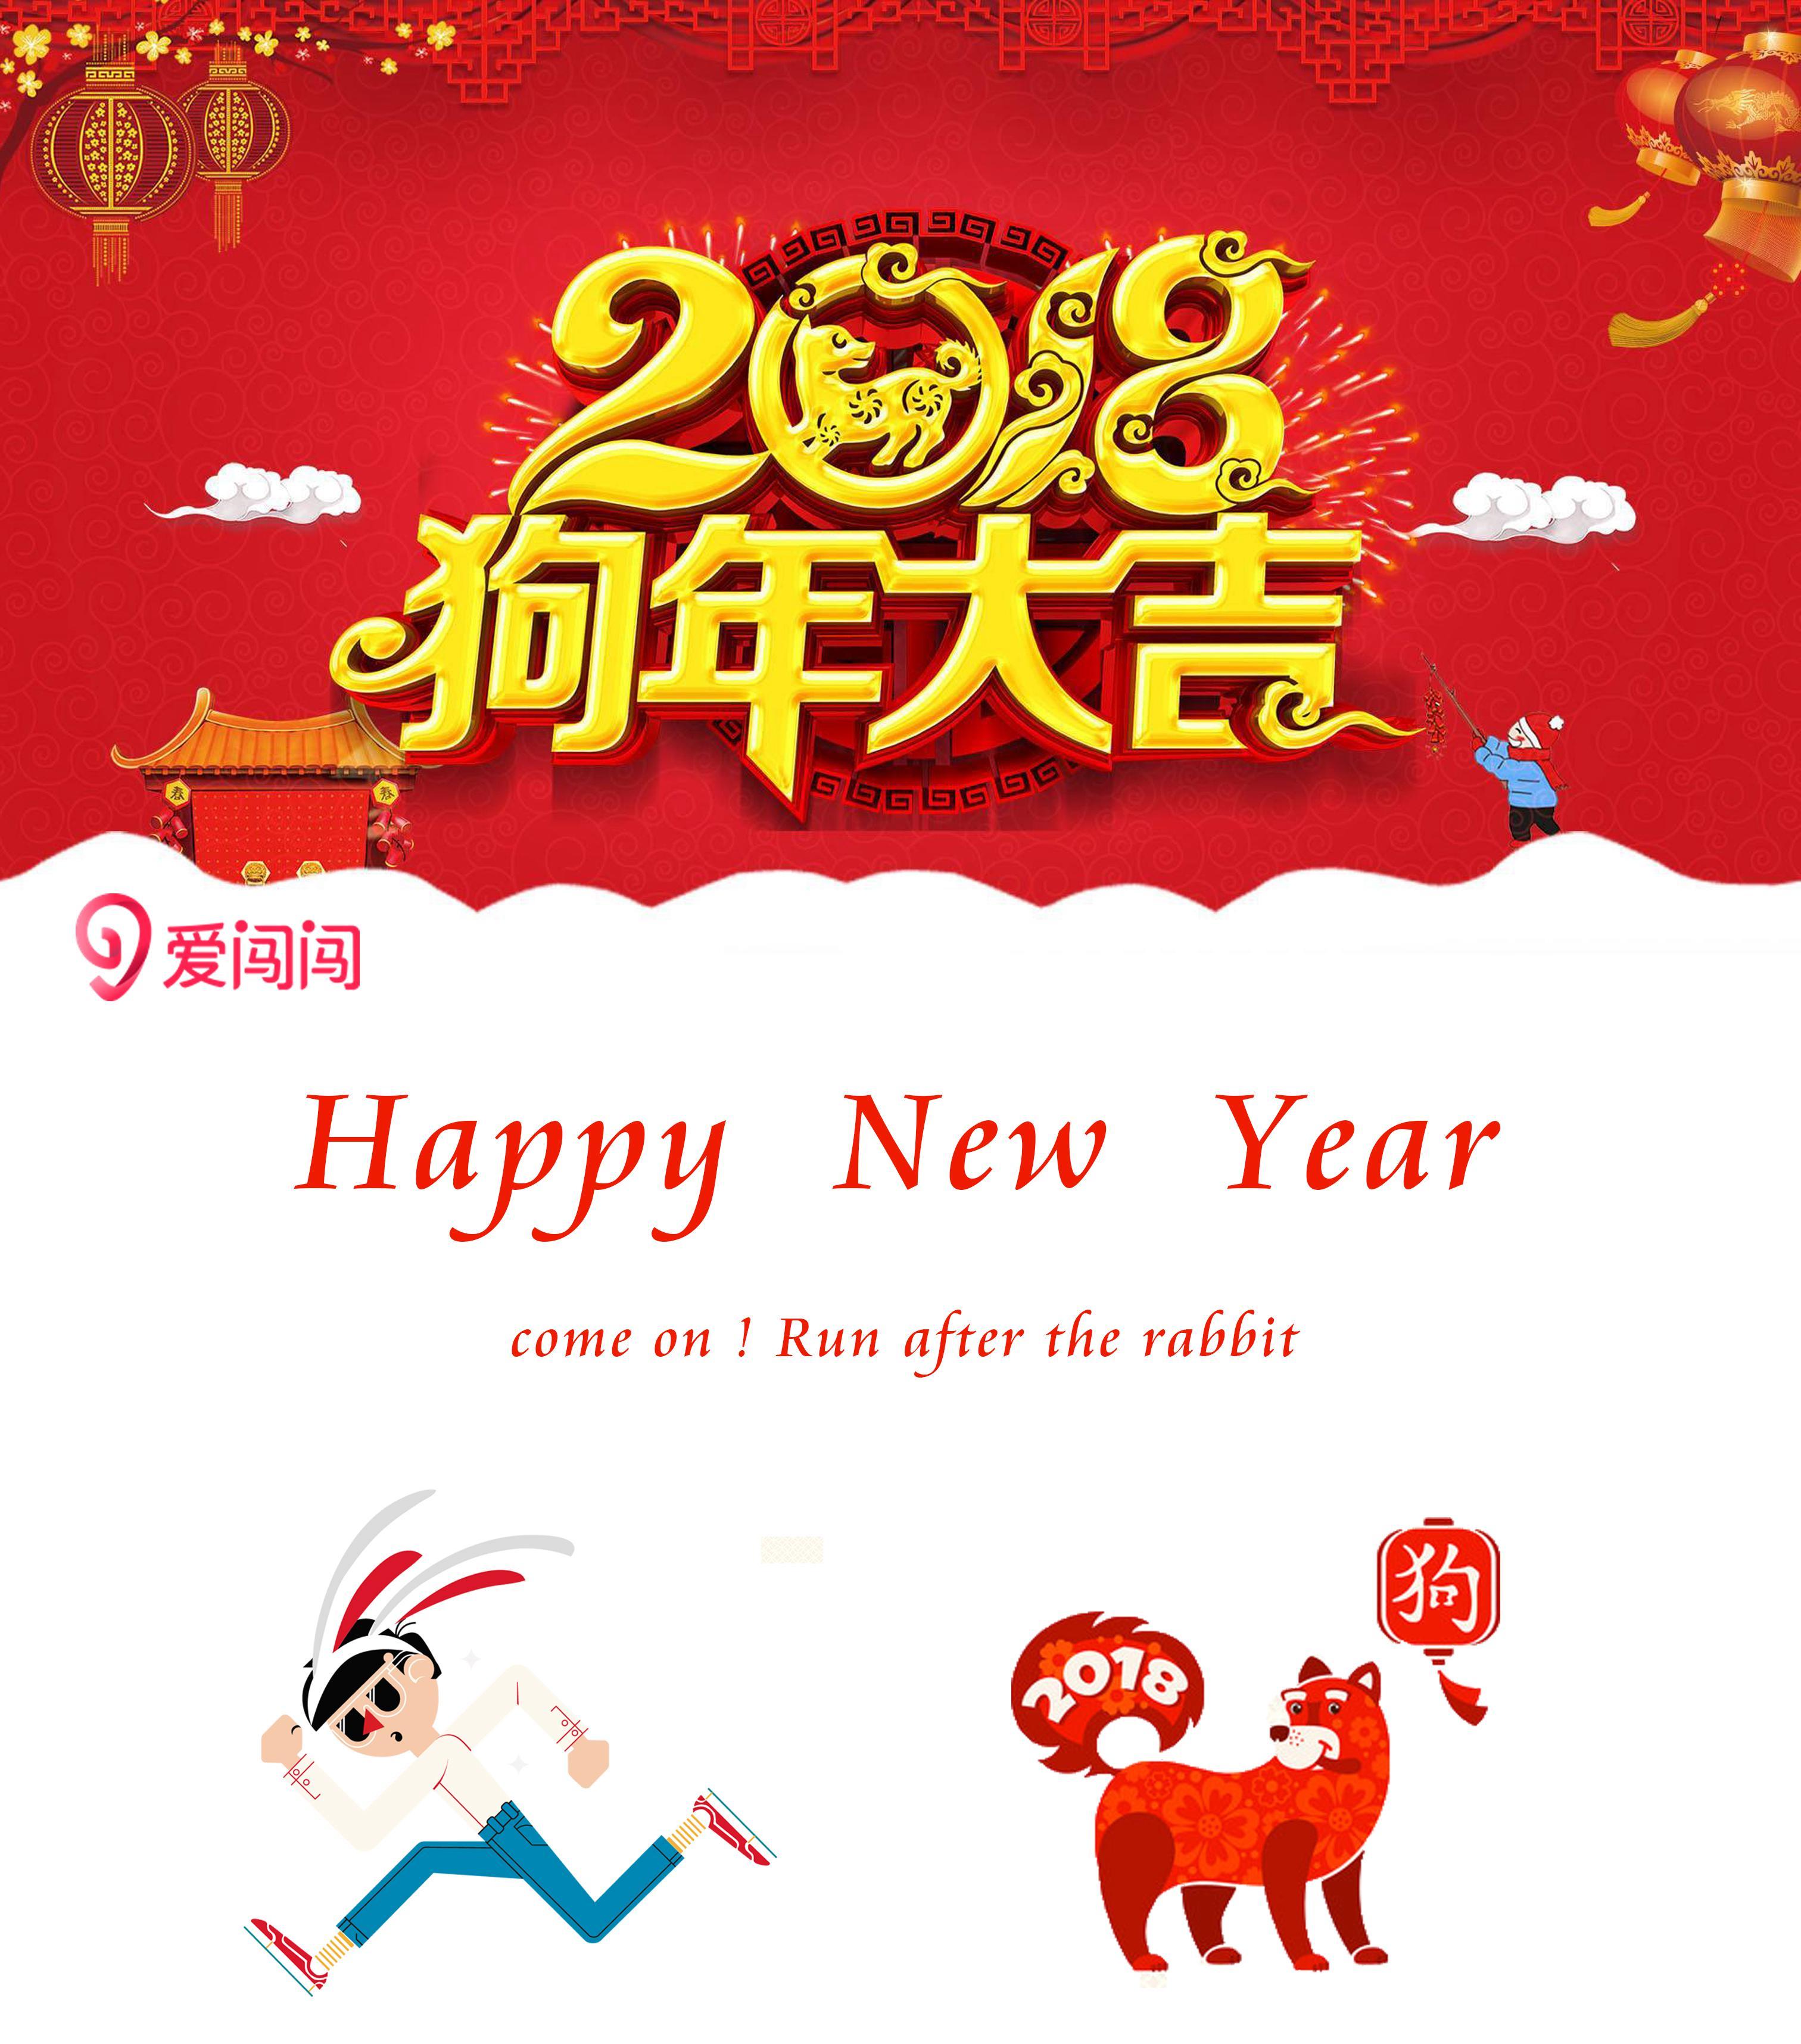 新年快乐!.jpg